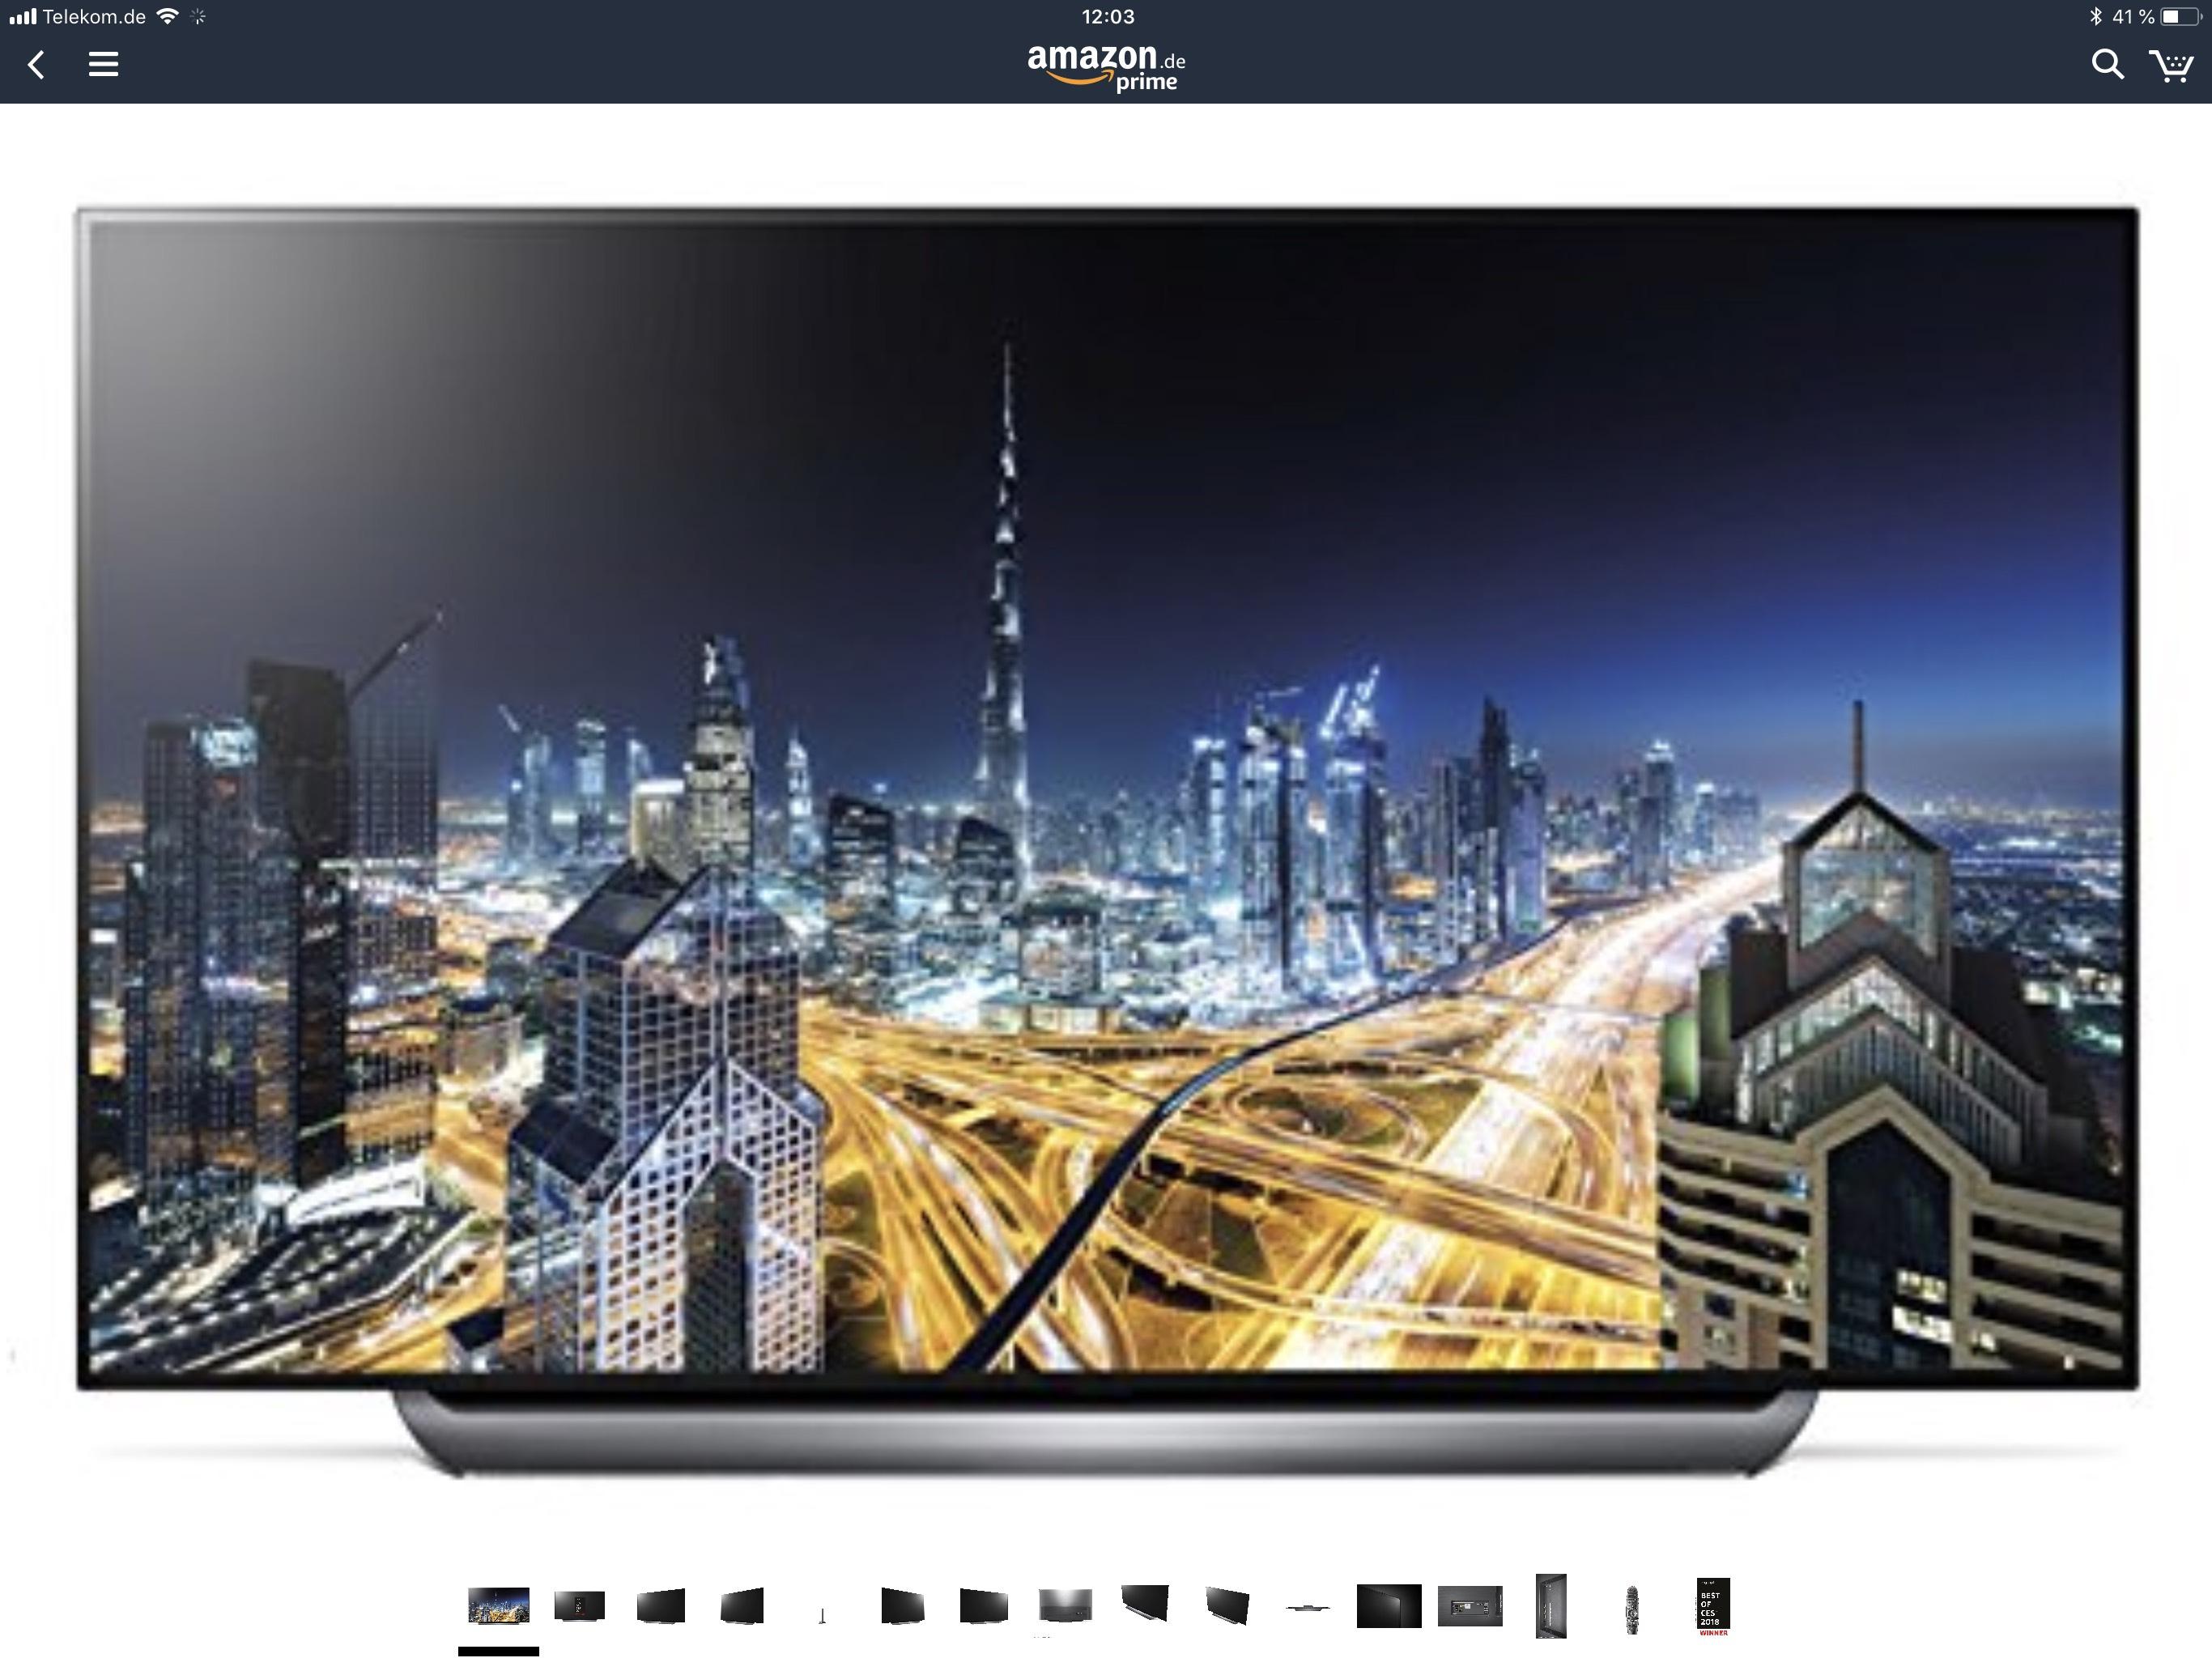 Amazon - LG OLED77C8LLA 196 cm (77 Zoll) - unbekannter Liefertermin